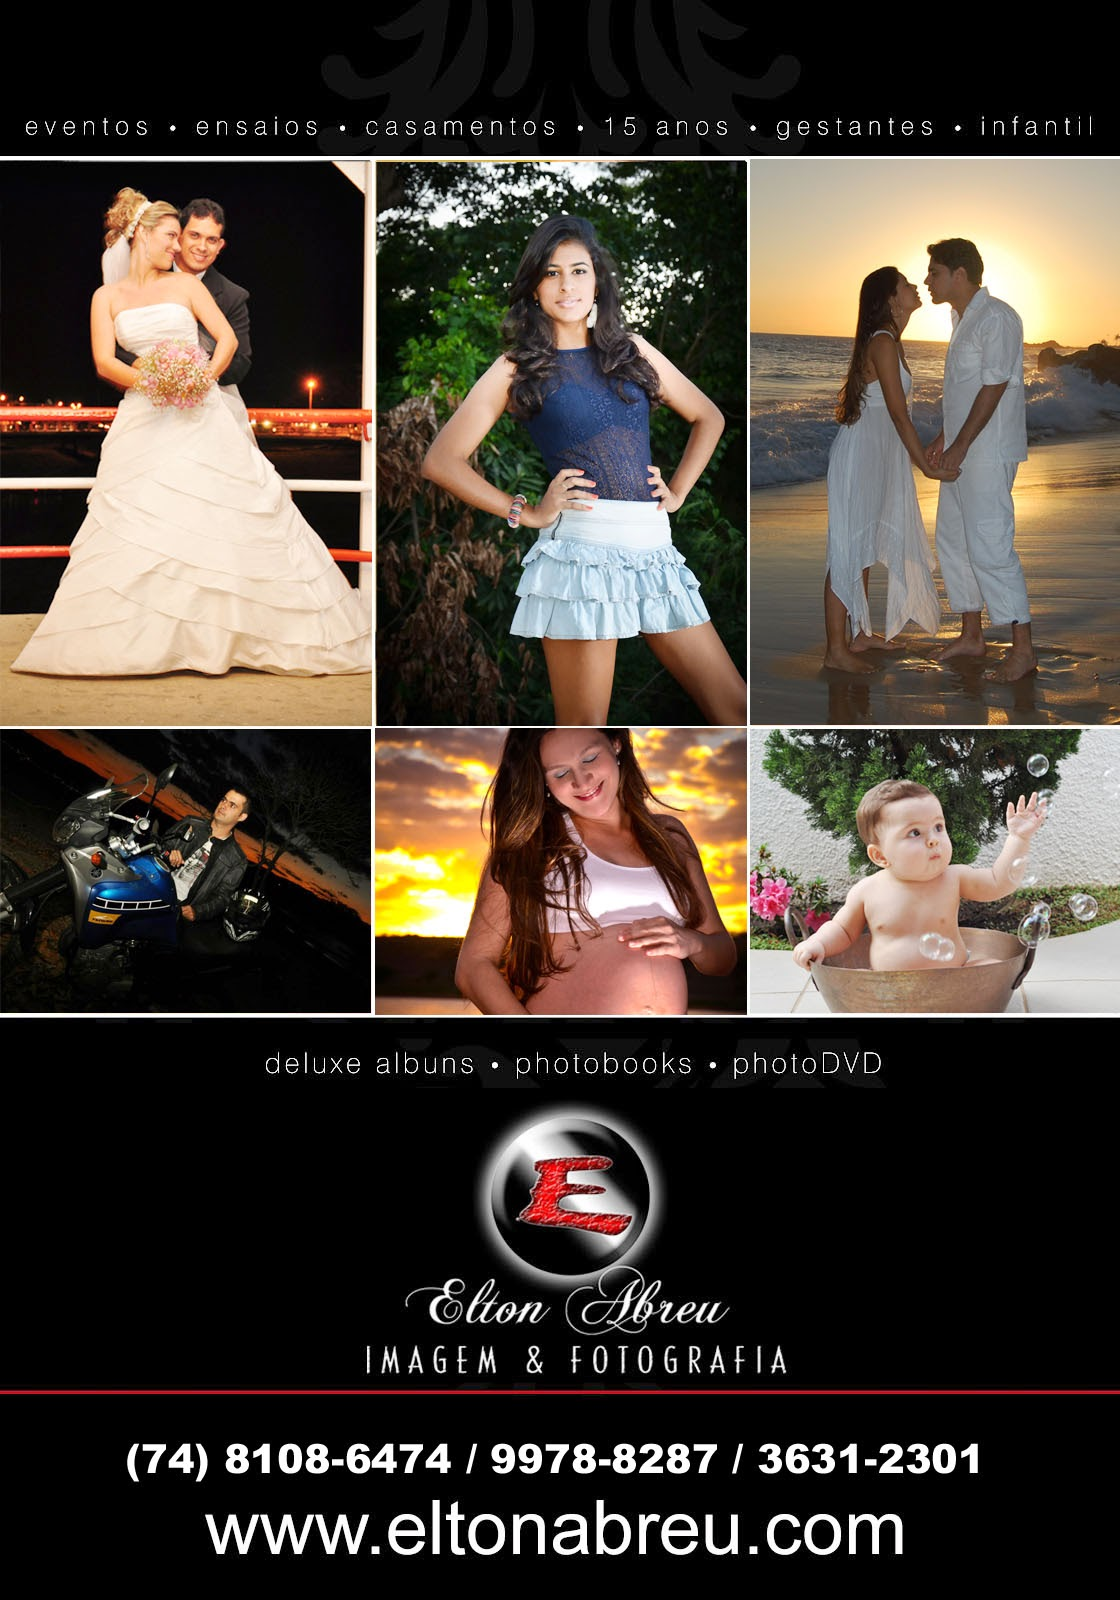 Elton Abreu - Fotografia